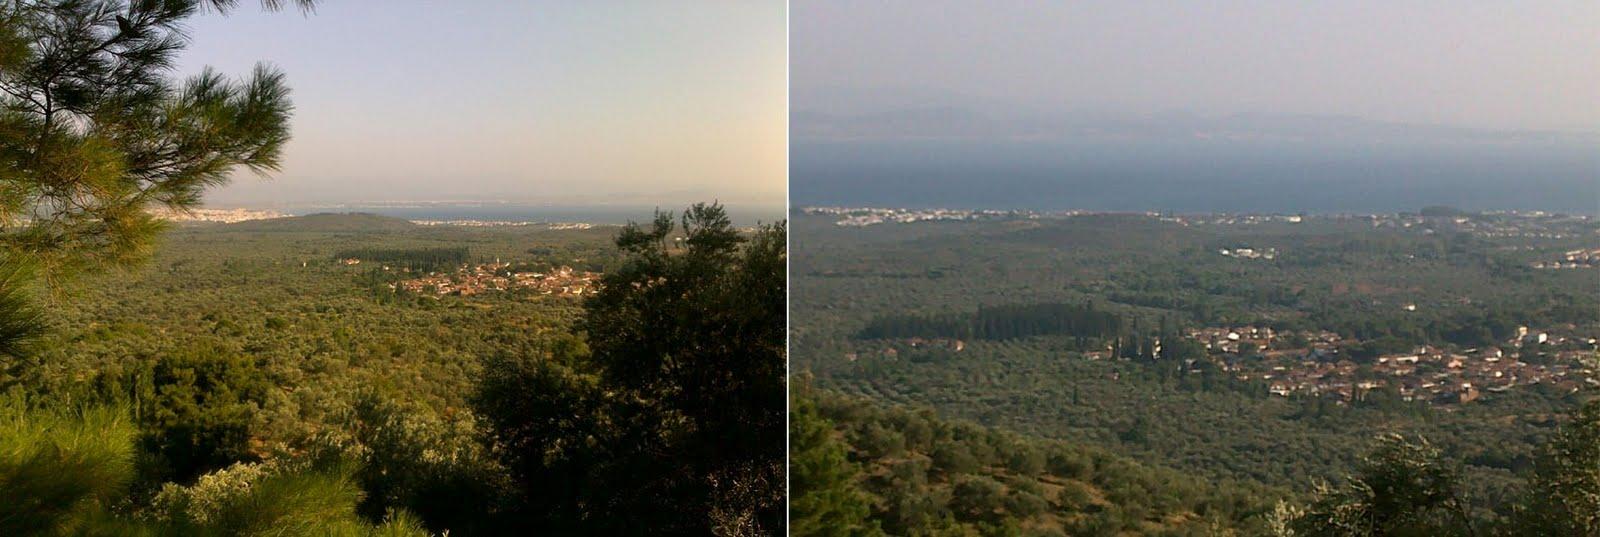 kavurmacilar köyü sarıkız tepesi ile ilgili görsel sonucu